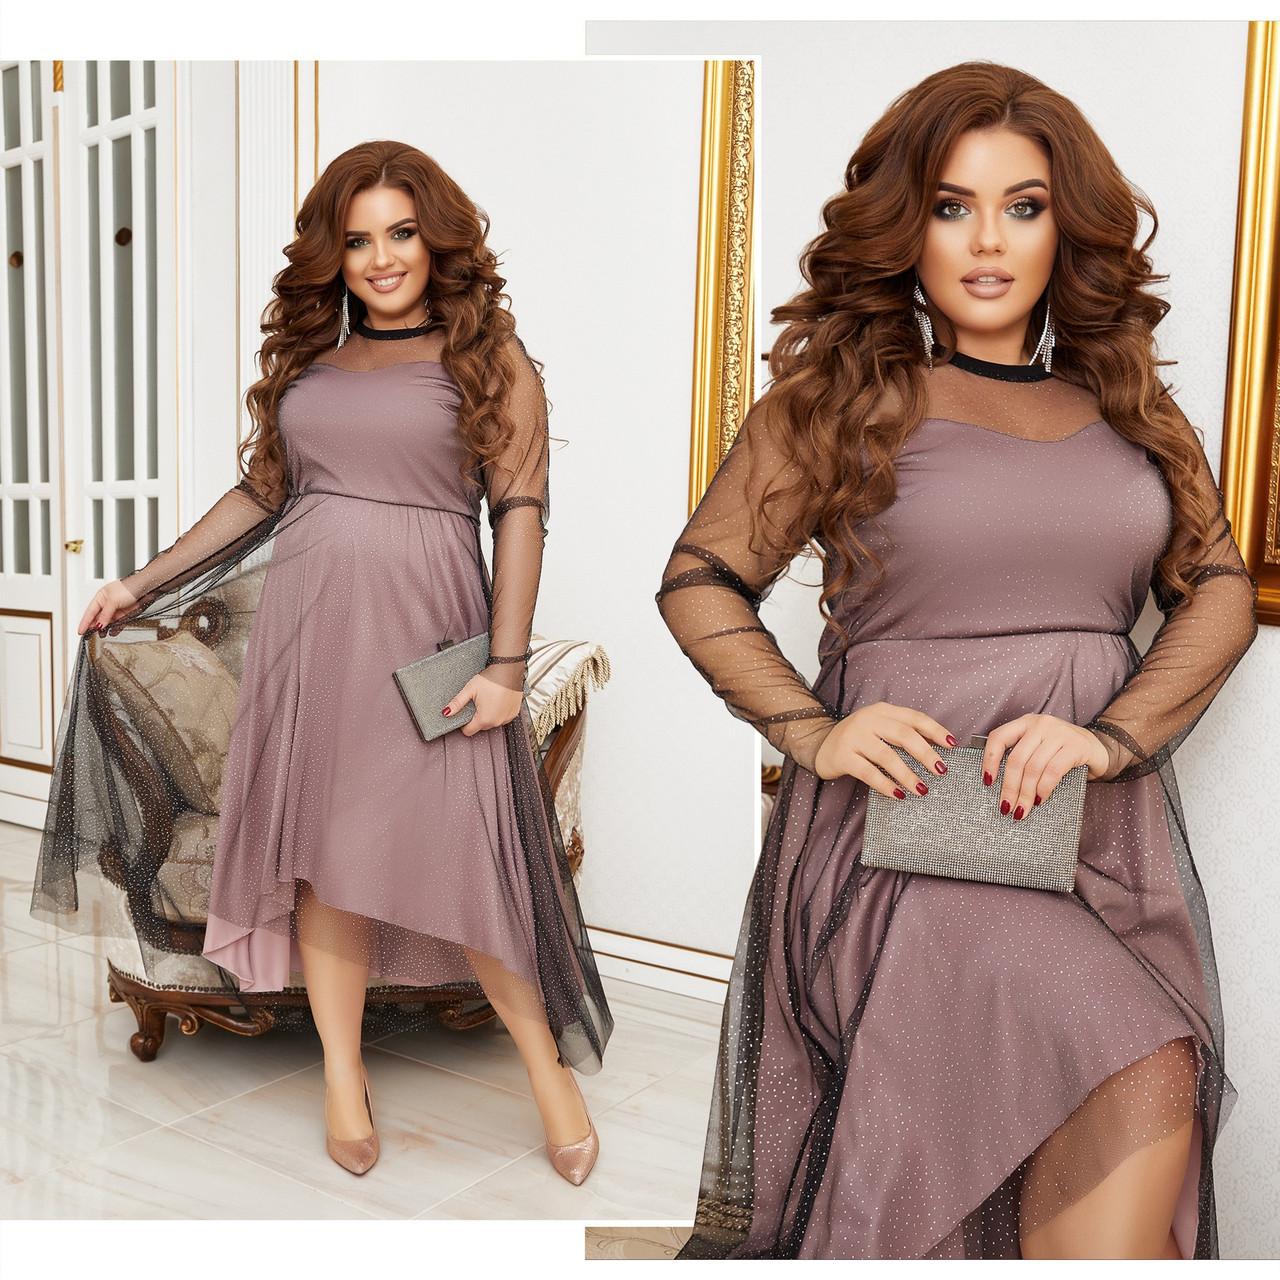 Платье нарядное красивое ассиметричное, батал, разные цвета р.50-52,54-56,58-60 Код 9778Е